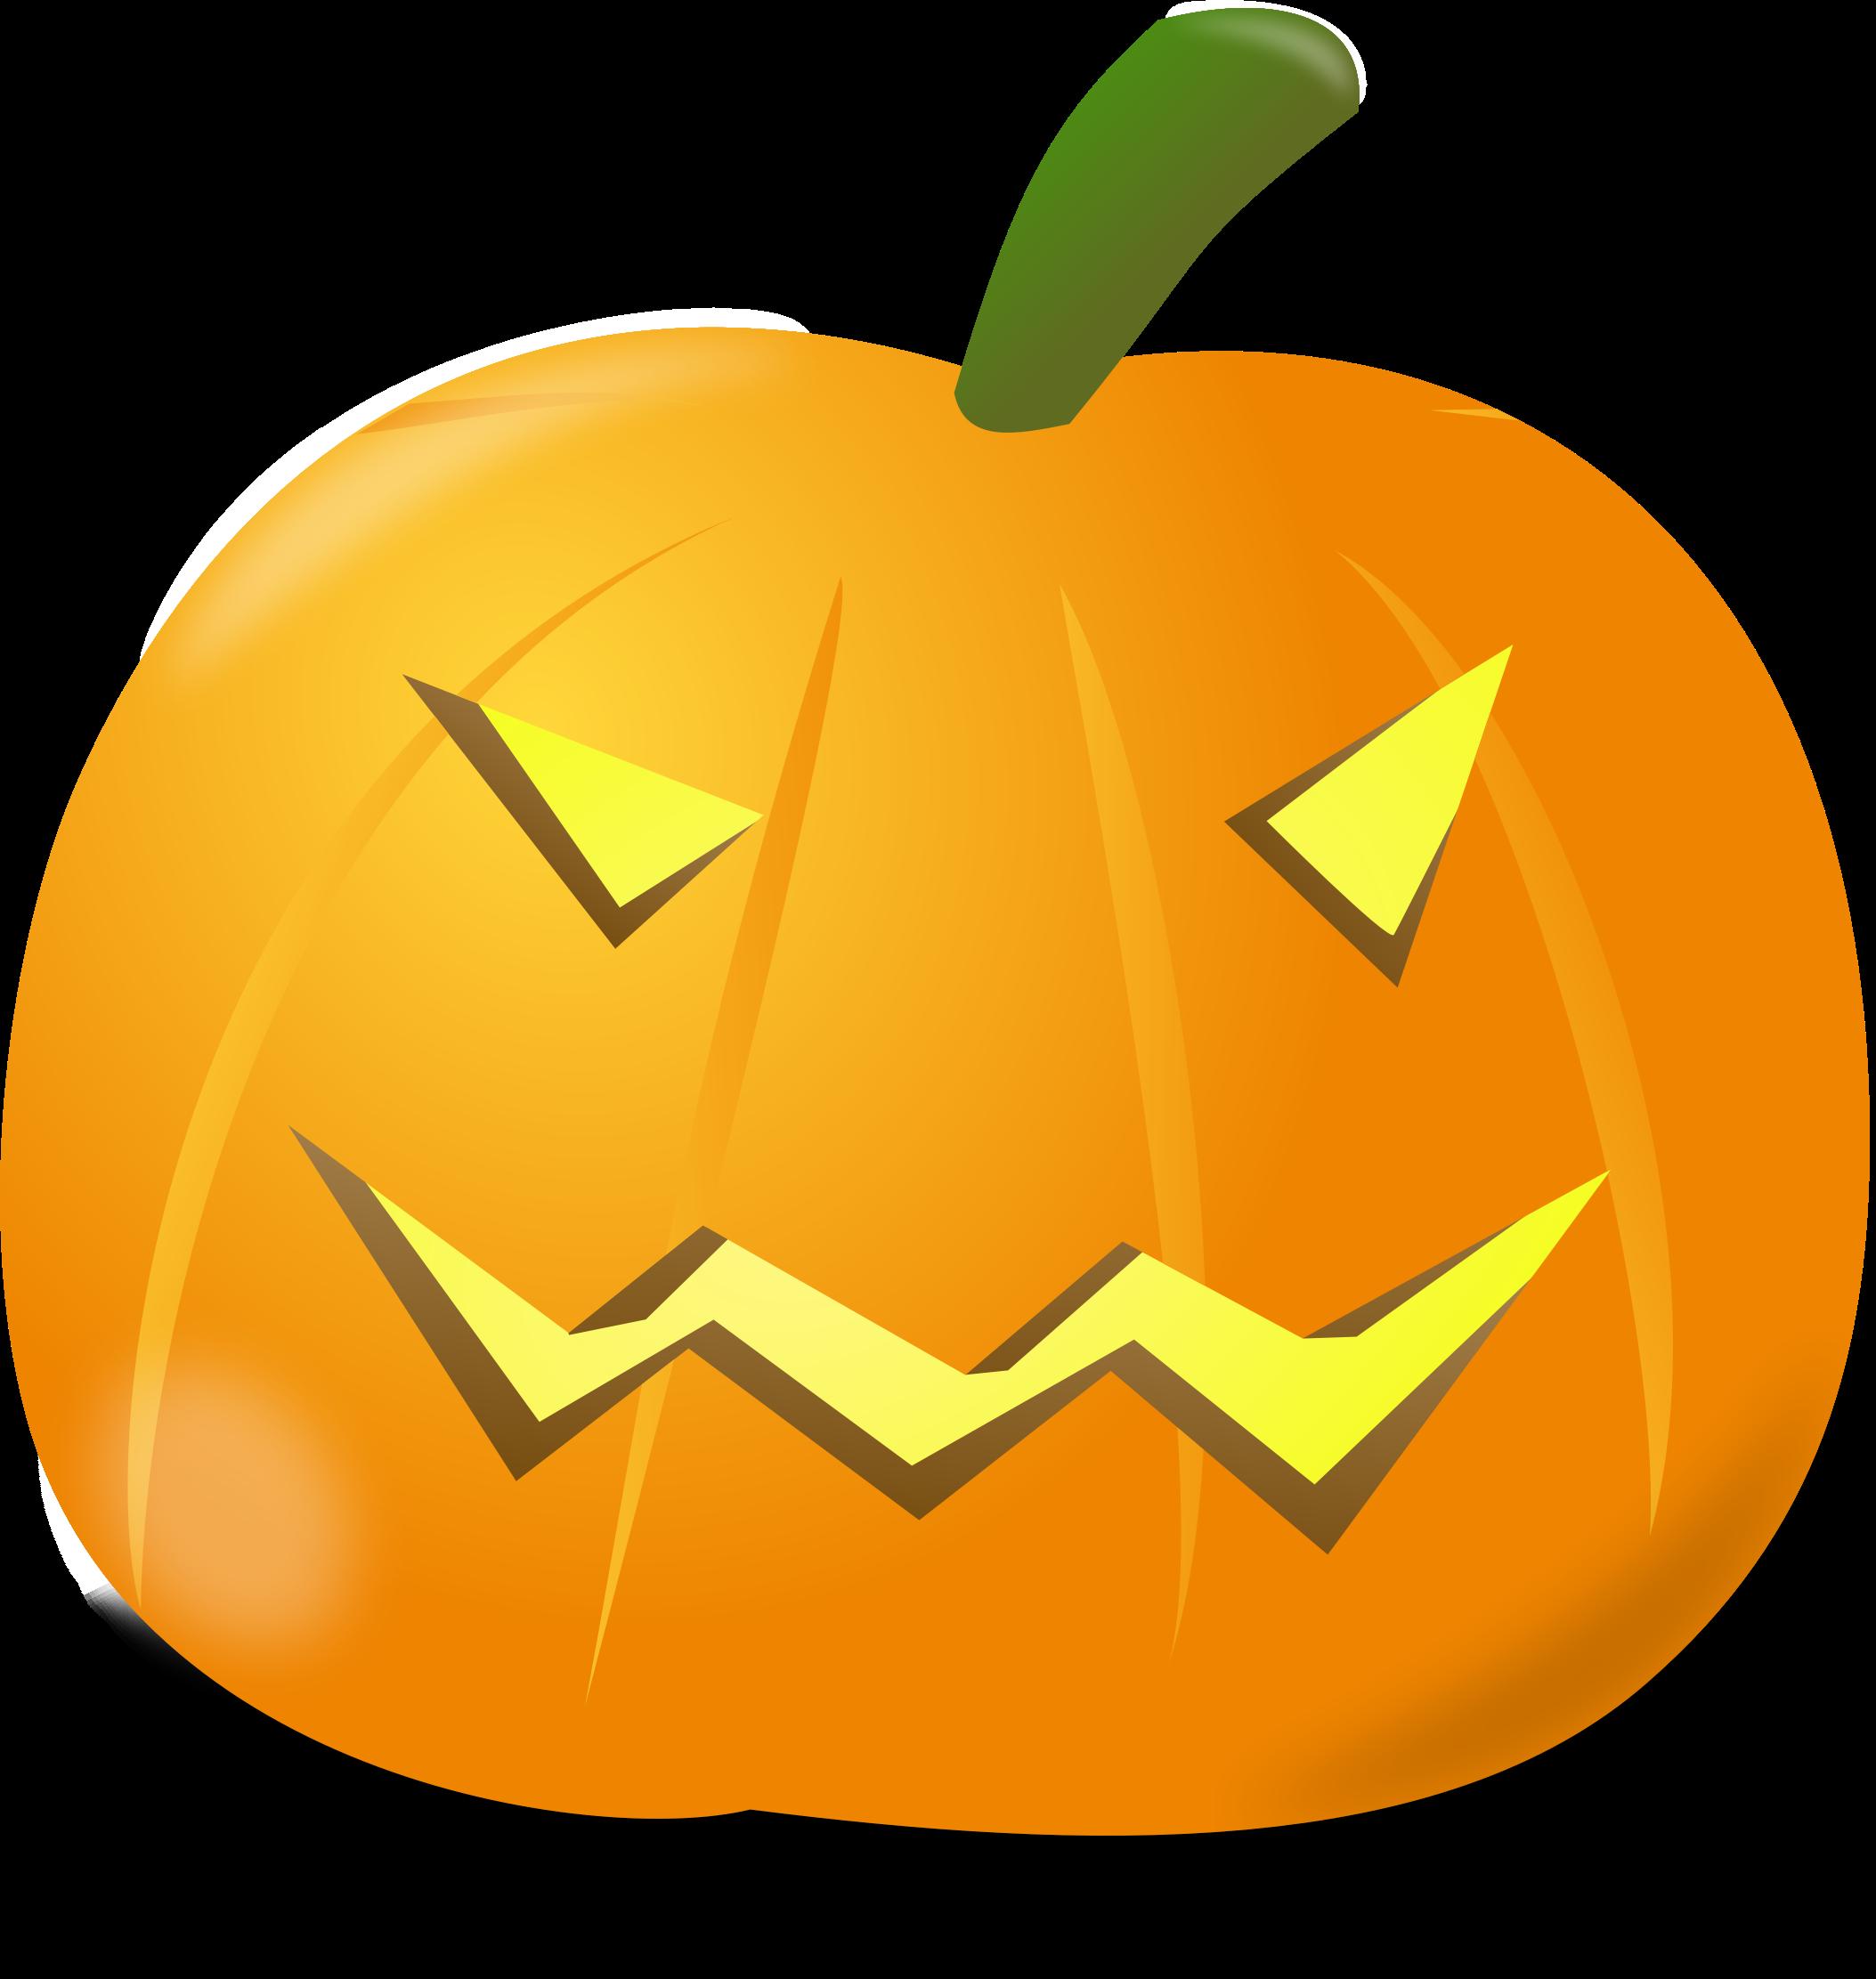 50+ Halloween pumpkin clipart png info